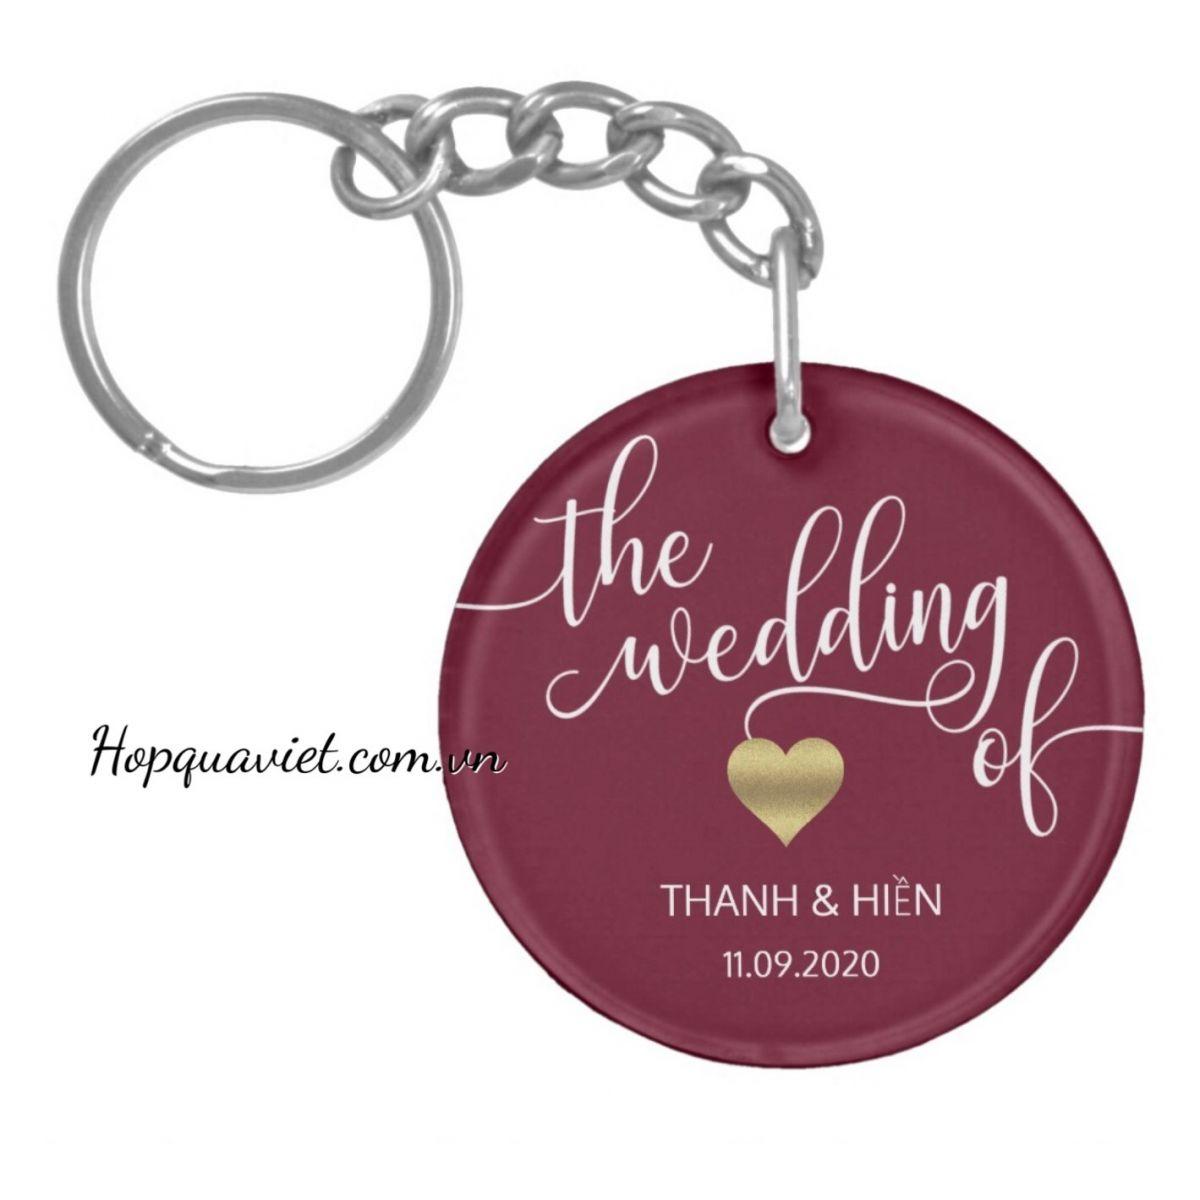 Quà cưới móc khoá thiết kế theo yêu cầu